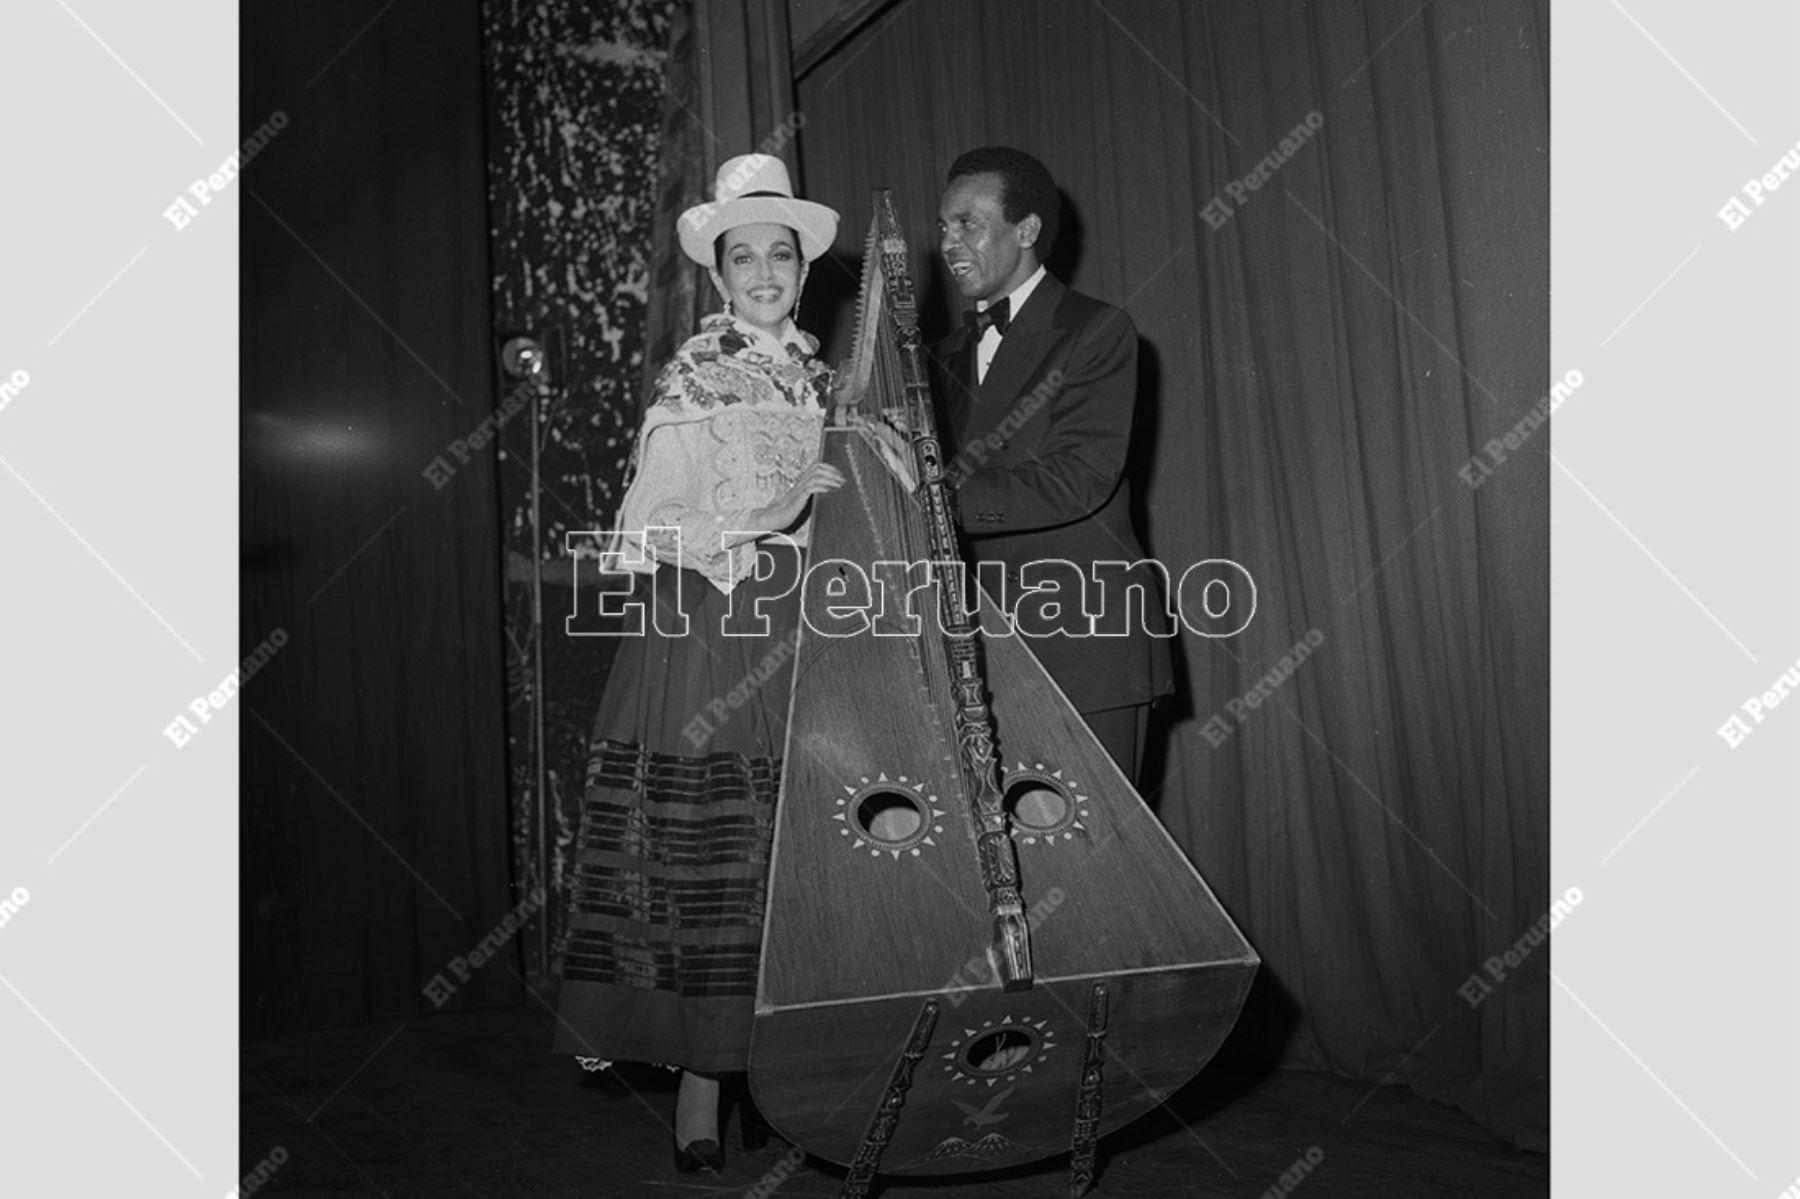 Lima - 2 agosto 1977. Alicia Maguiña y Carlos Hayre durante un recital en el Teatro La Cabaña. Foto: Archivo Histórico de El Peruano / Leoncio Mariscal